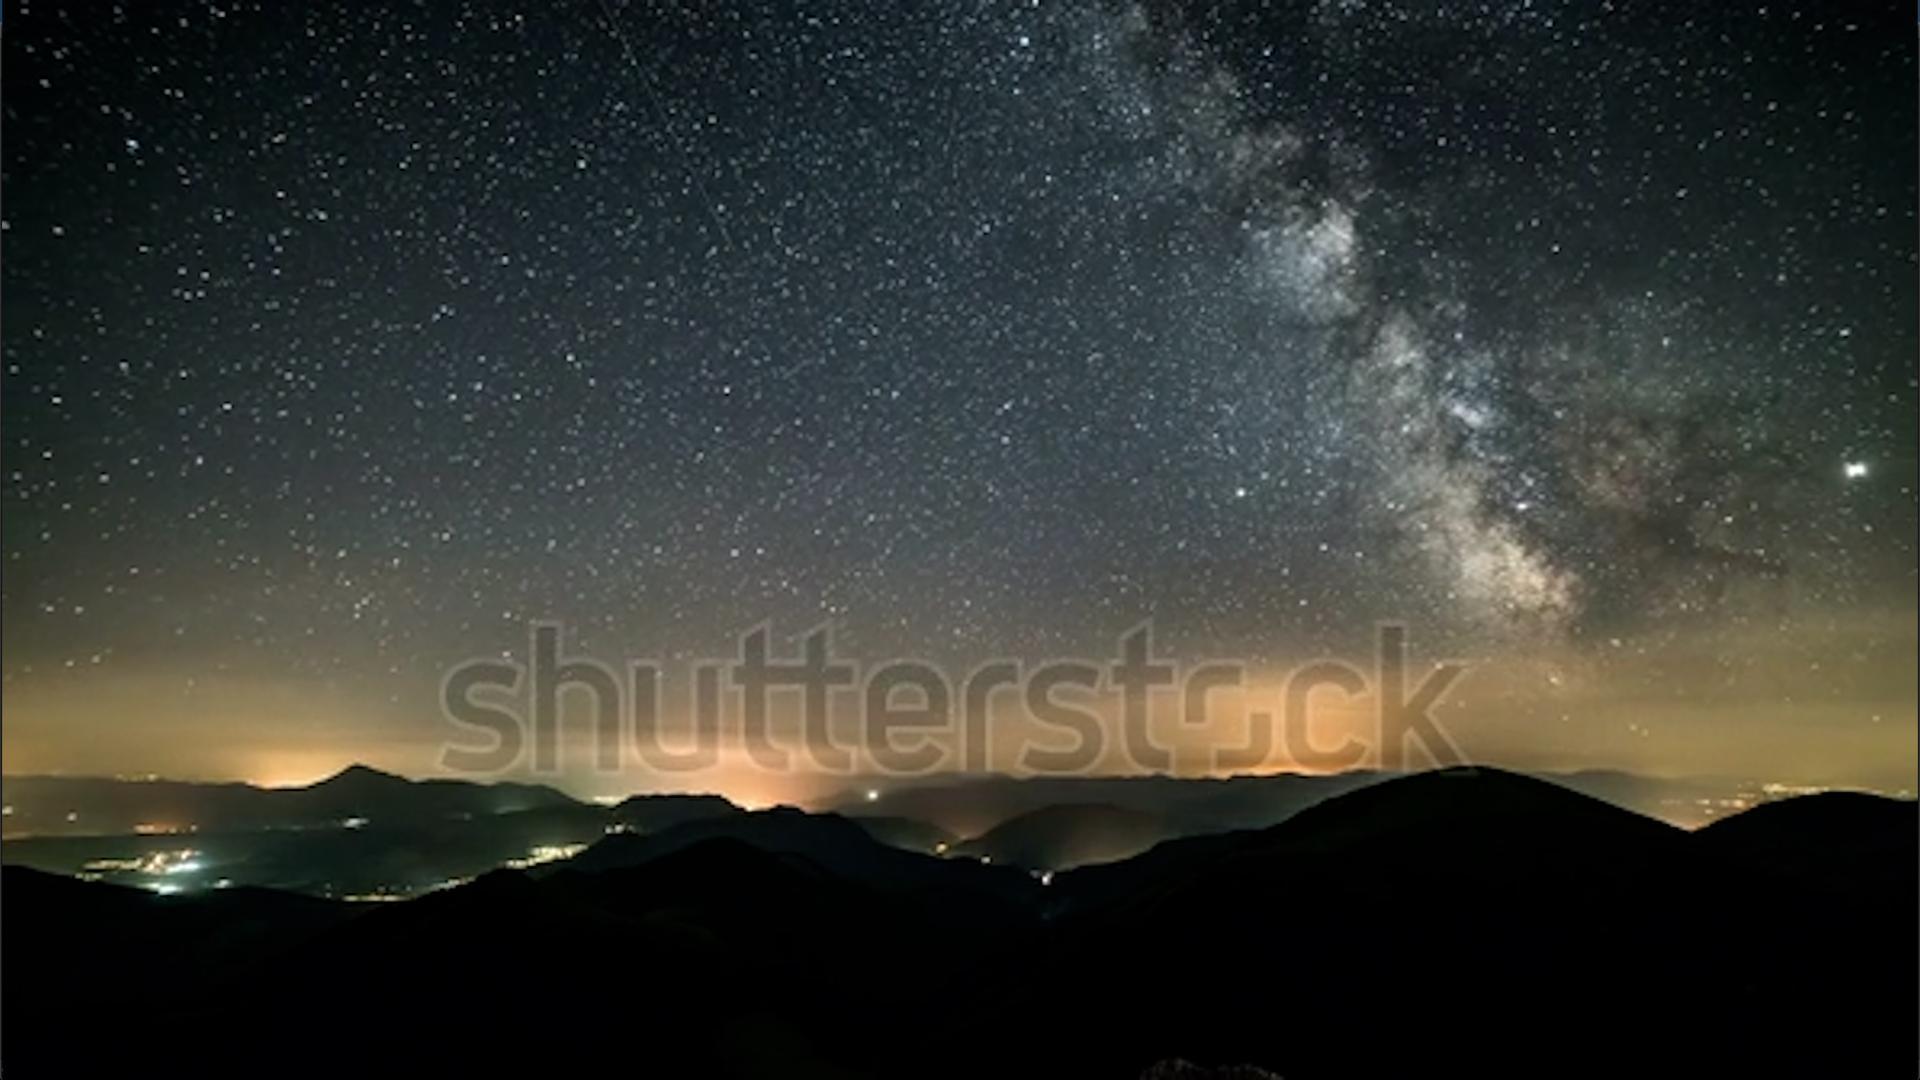 shutterstock star timelapse